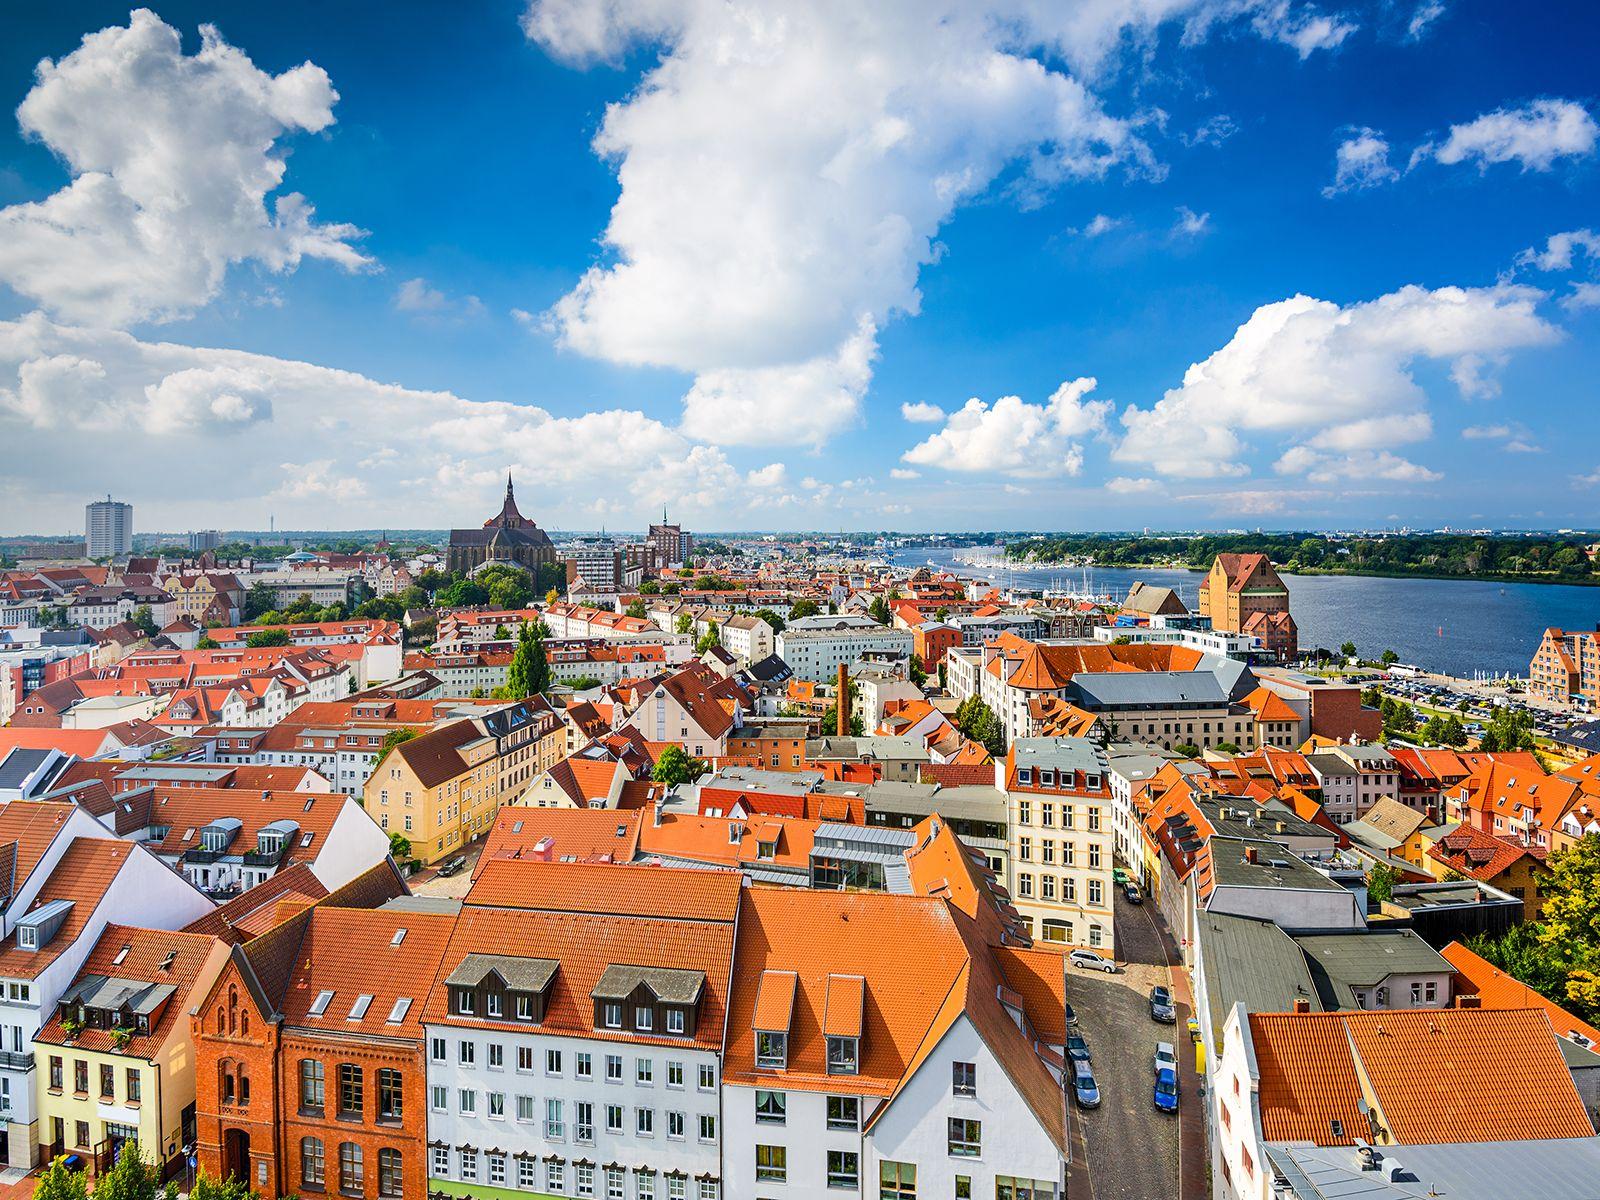 Rostock veranstaltungsorte t v nord for Warnemunde hotel pension